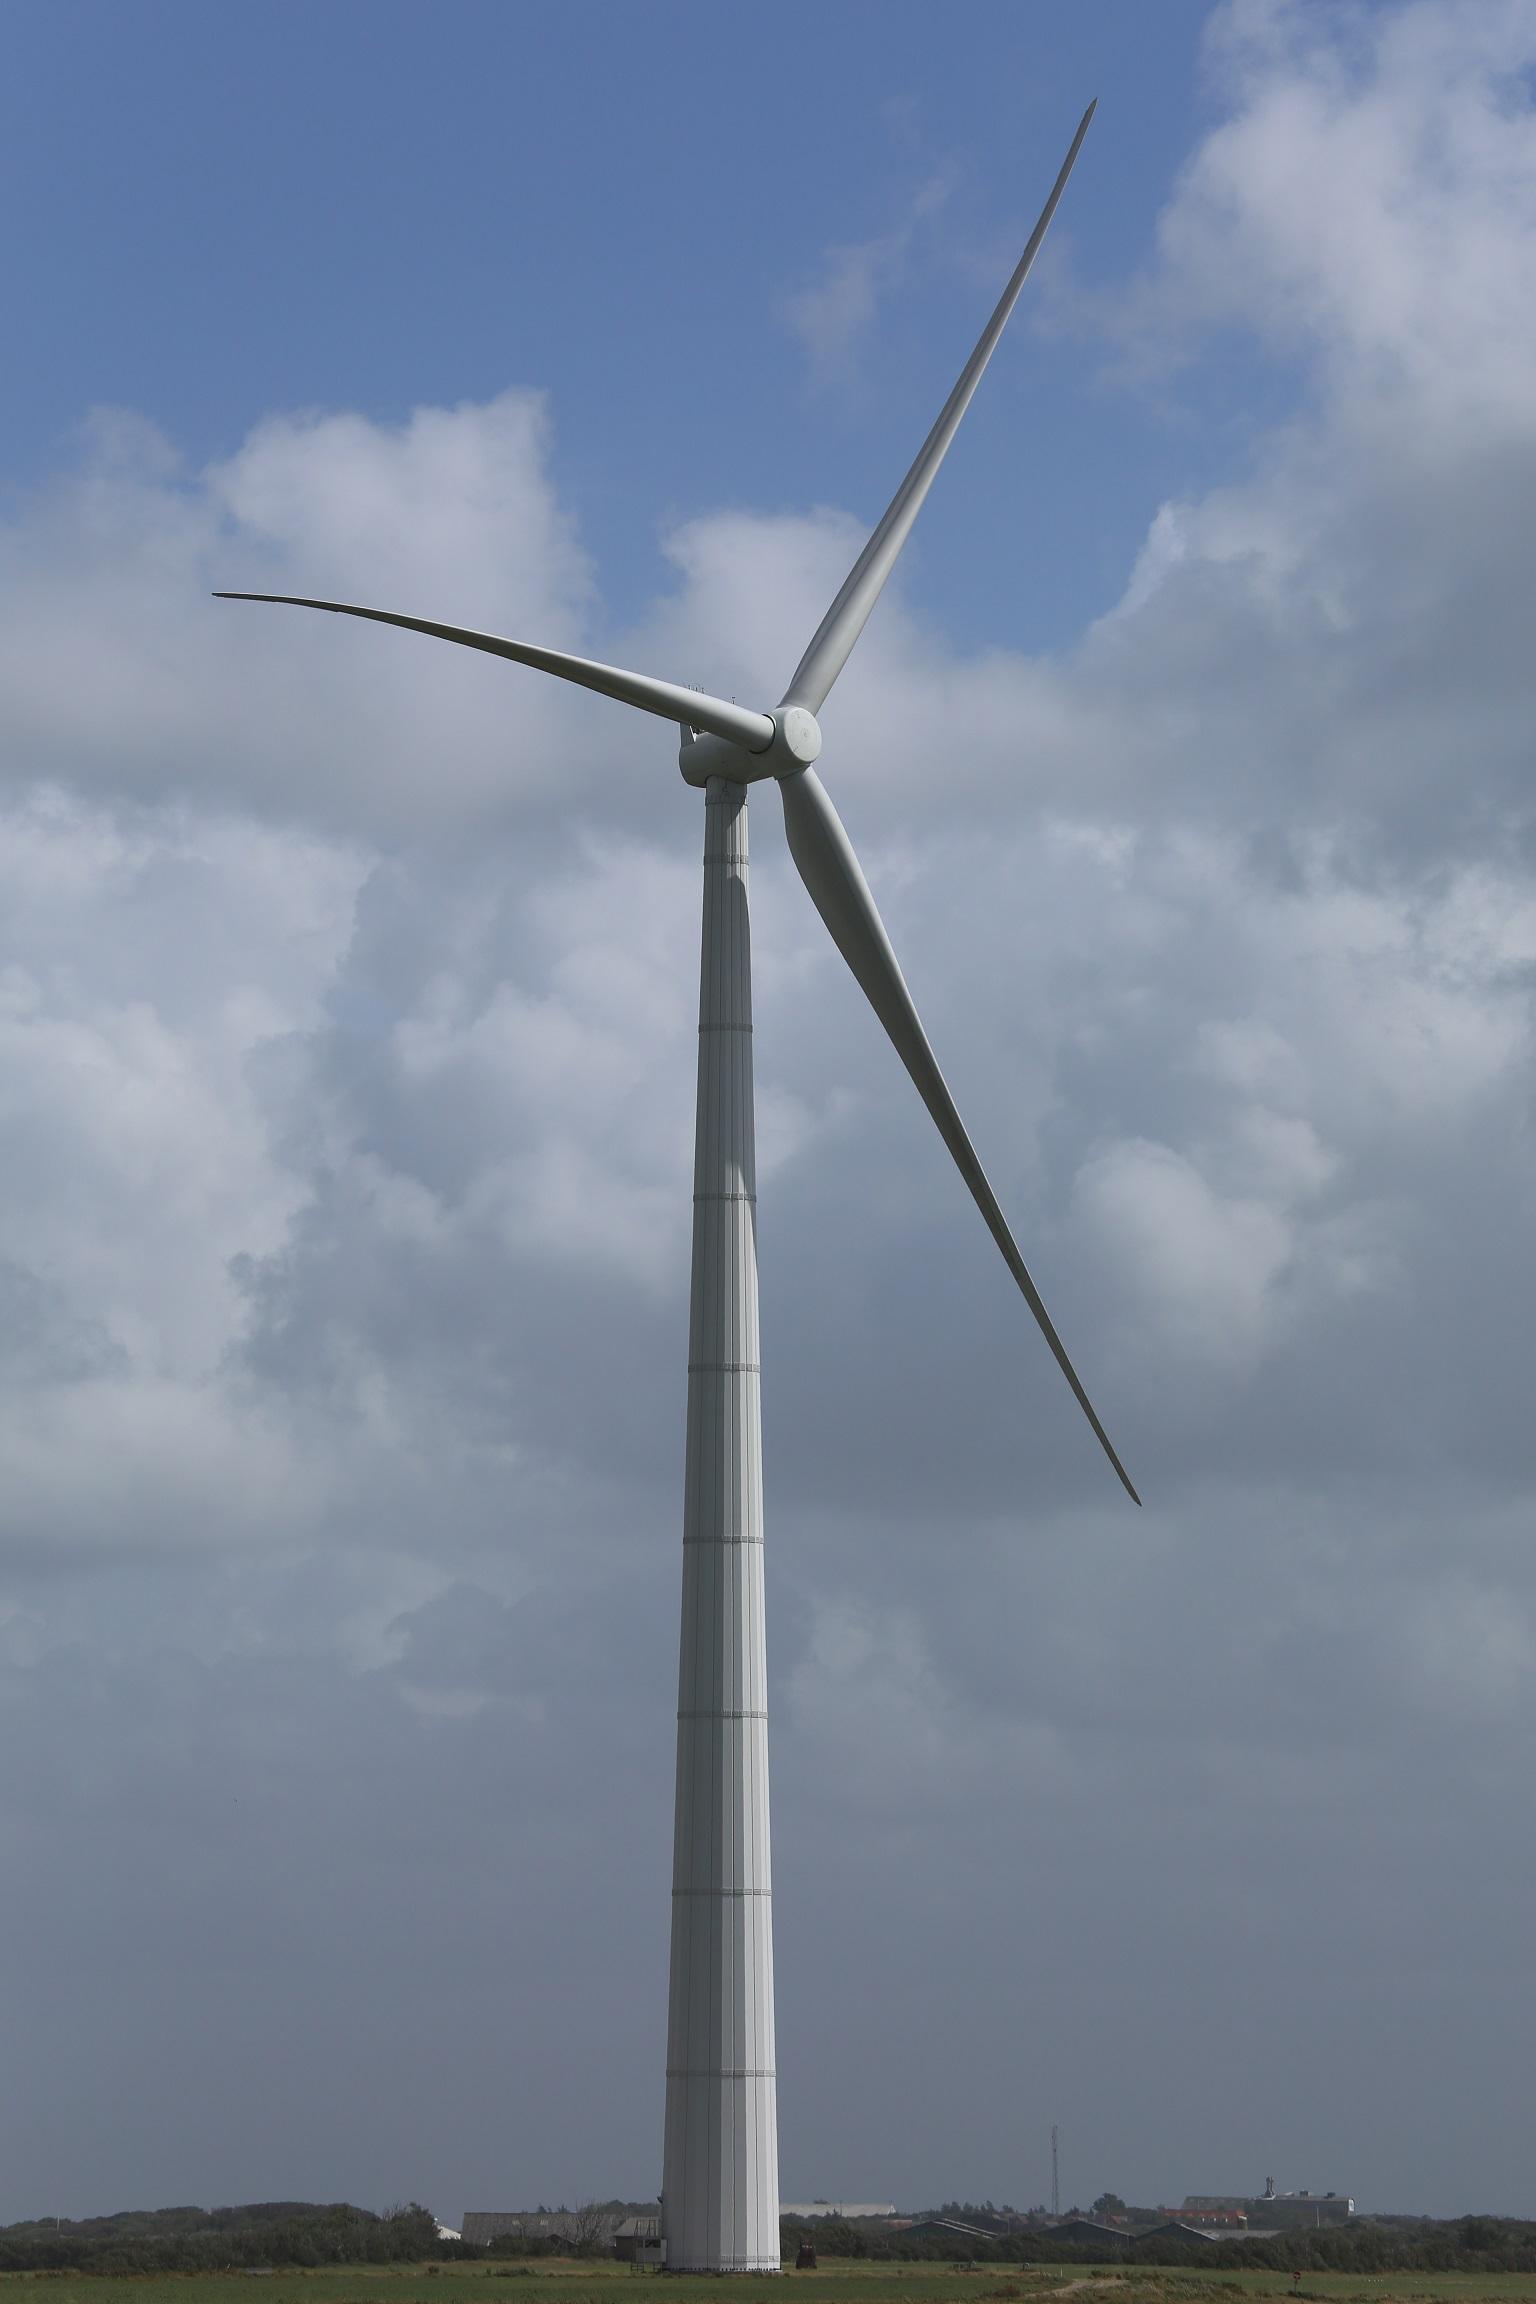 Siemens SWT 3 0 113 3 00 MW Wind turbine